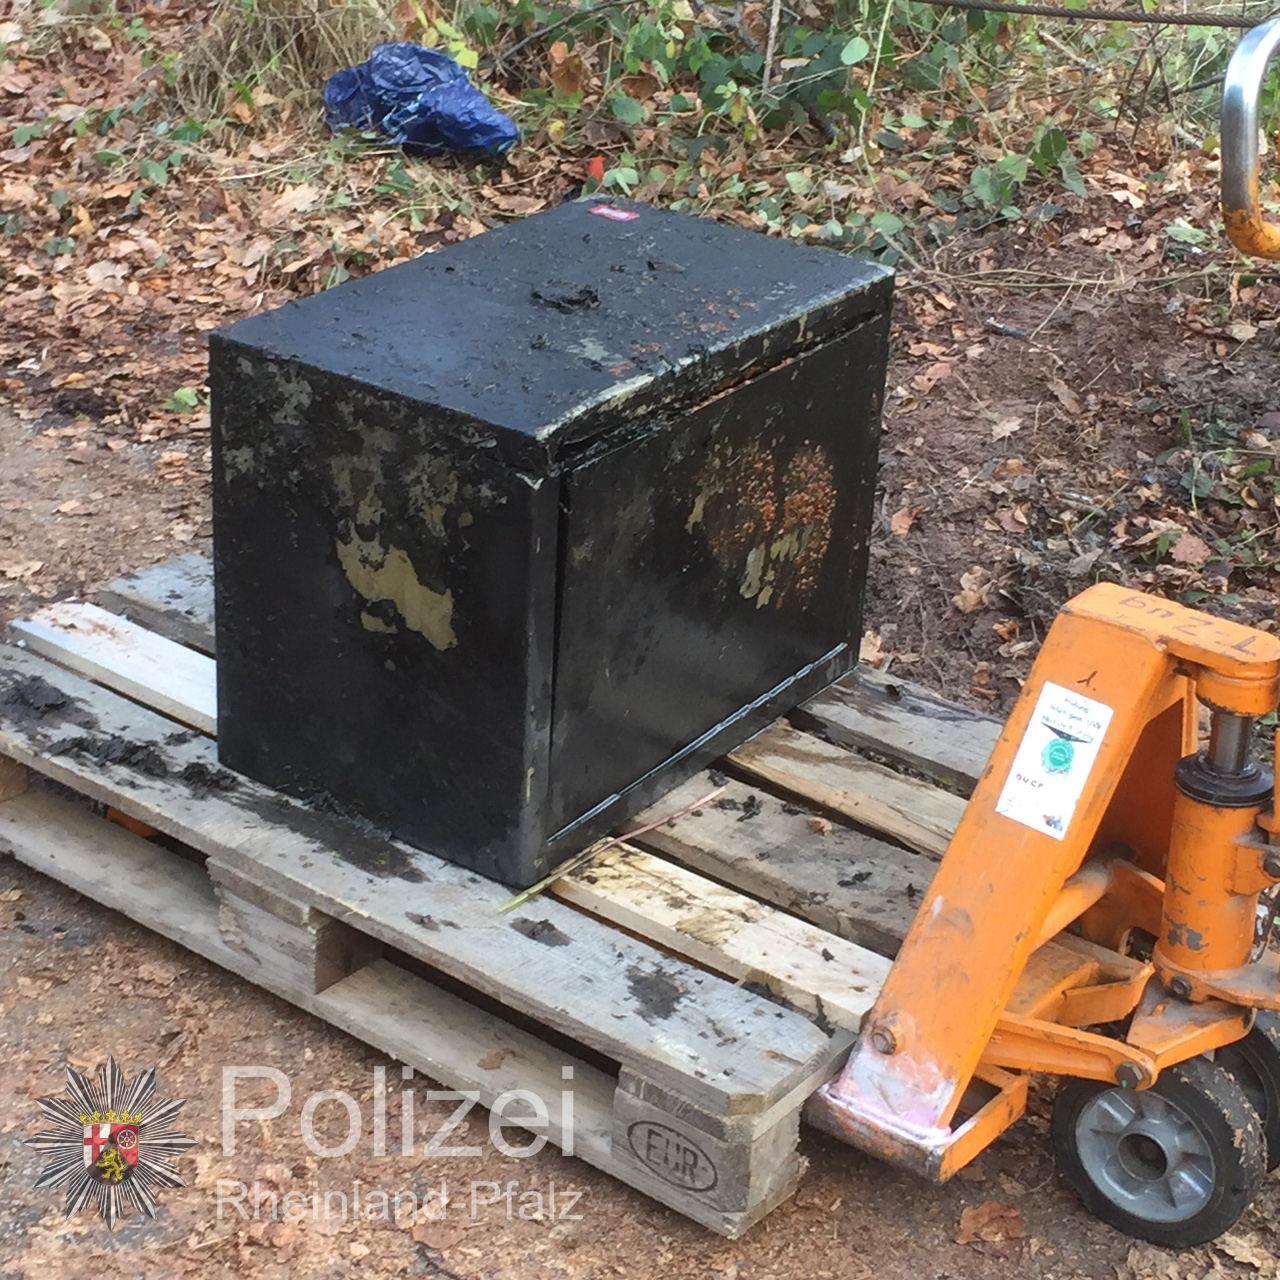 pol ppwp tresor und munition bei taucheinsatz gefunden pressemitteilung polizeipr sidium. Black Bedroom Furniture Sets. Home Design Ideas